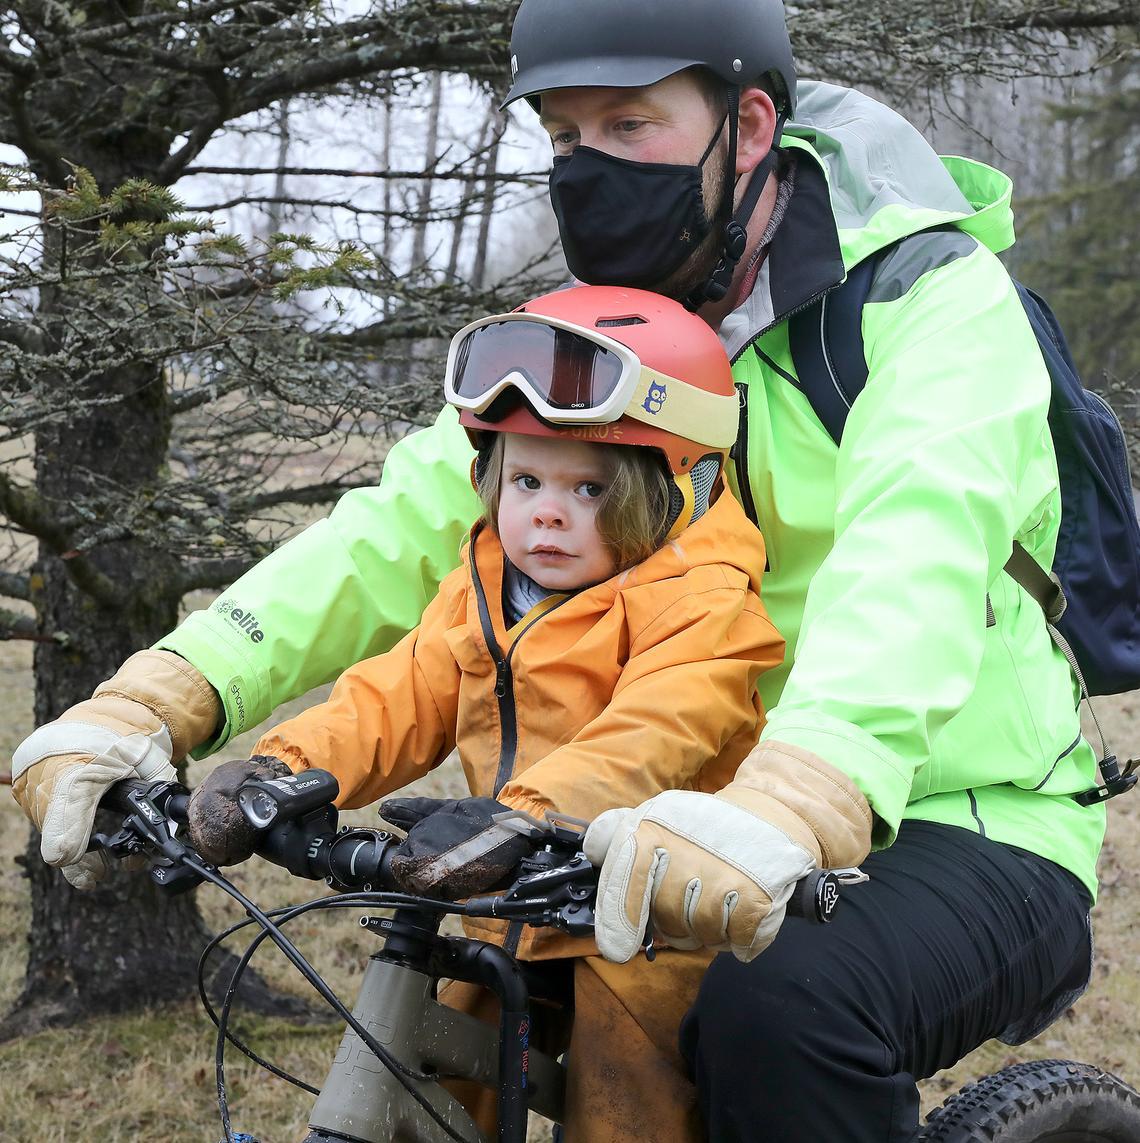 Finley Benzer, 3 ans, est assise sur le vélo de son père alors qu'elle se prépare à rouler le long de Brighton Beach.  Brandon Benzer a été surpris de voir à quel point il se sent à l'aise sur la moto avec un passager supplémentaire.  «Je n'ai pas besoin de tendre la main autour d'elle ou quoi que ce soit, et nous pouvons parler à un volume normal», dit-il.  (Jed Carlson / jcarlson@superiortelegram.com)